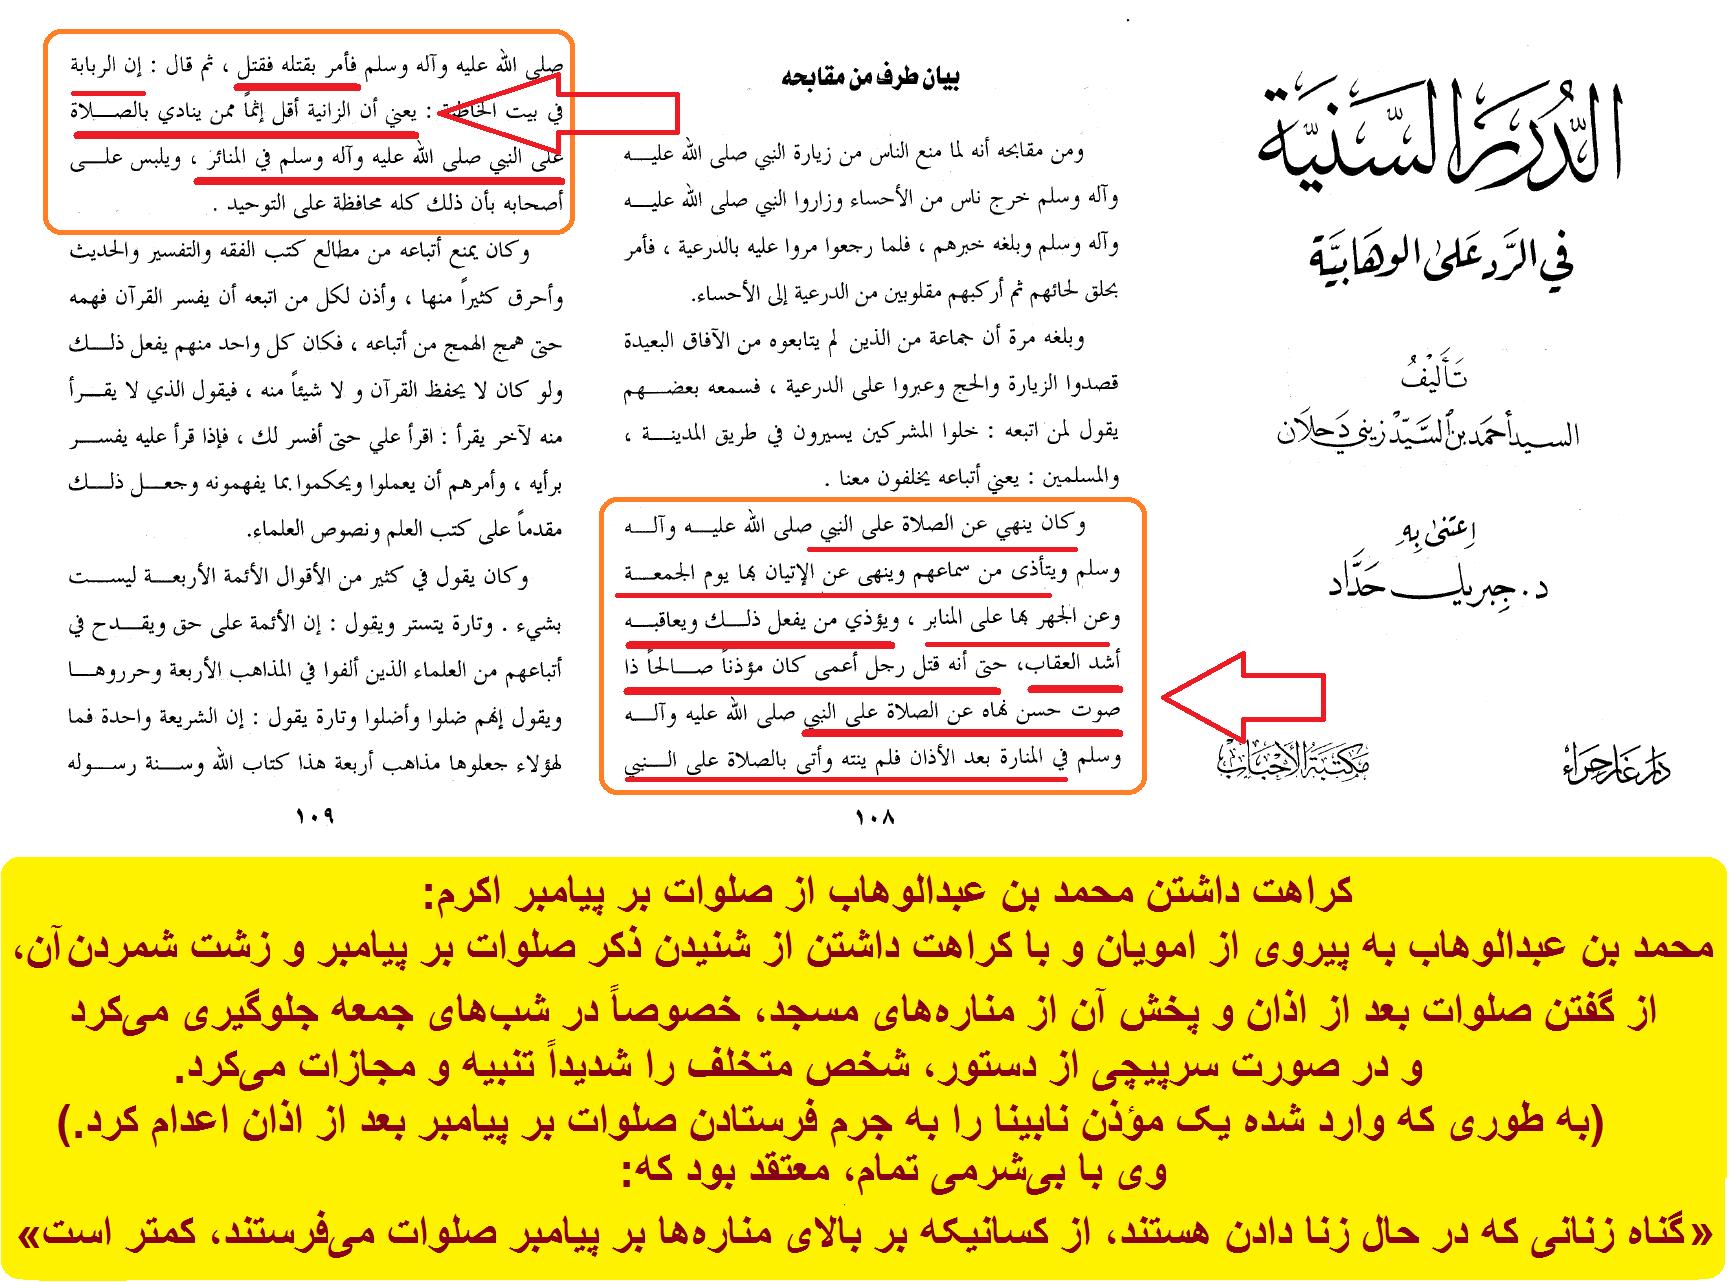 ممنوعیت صلوات بر پیامبر توسط محمد بن عبدالوهاب